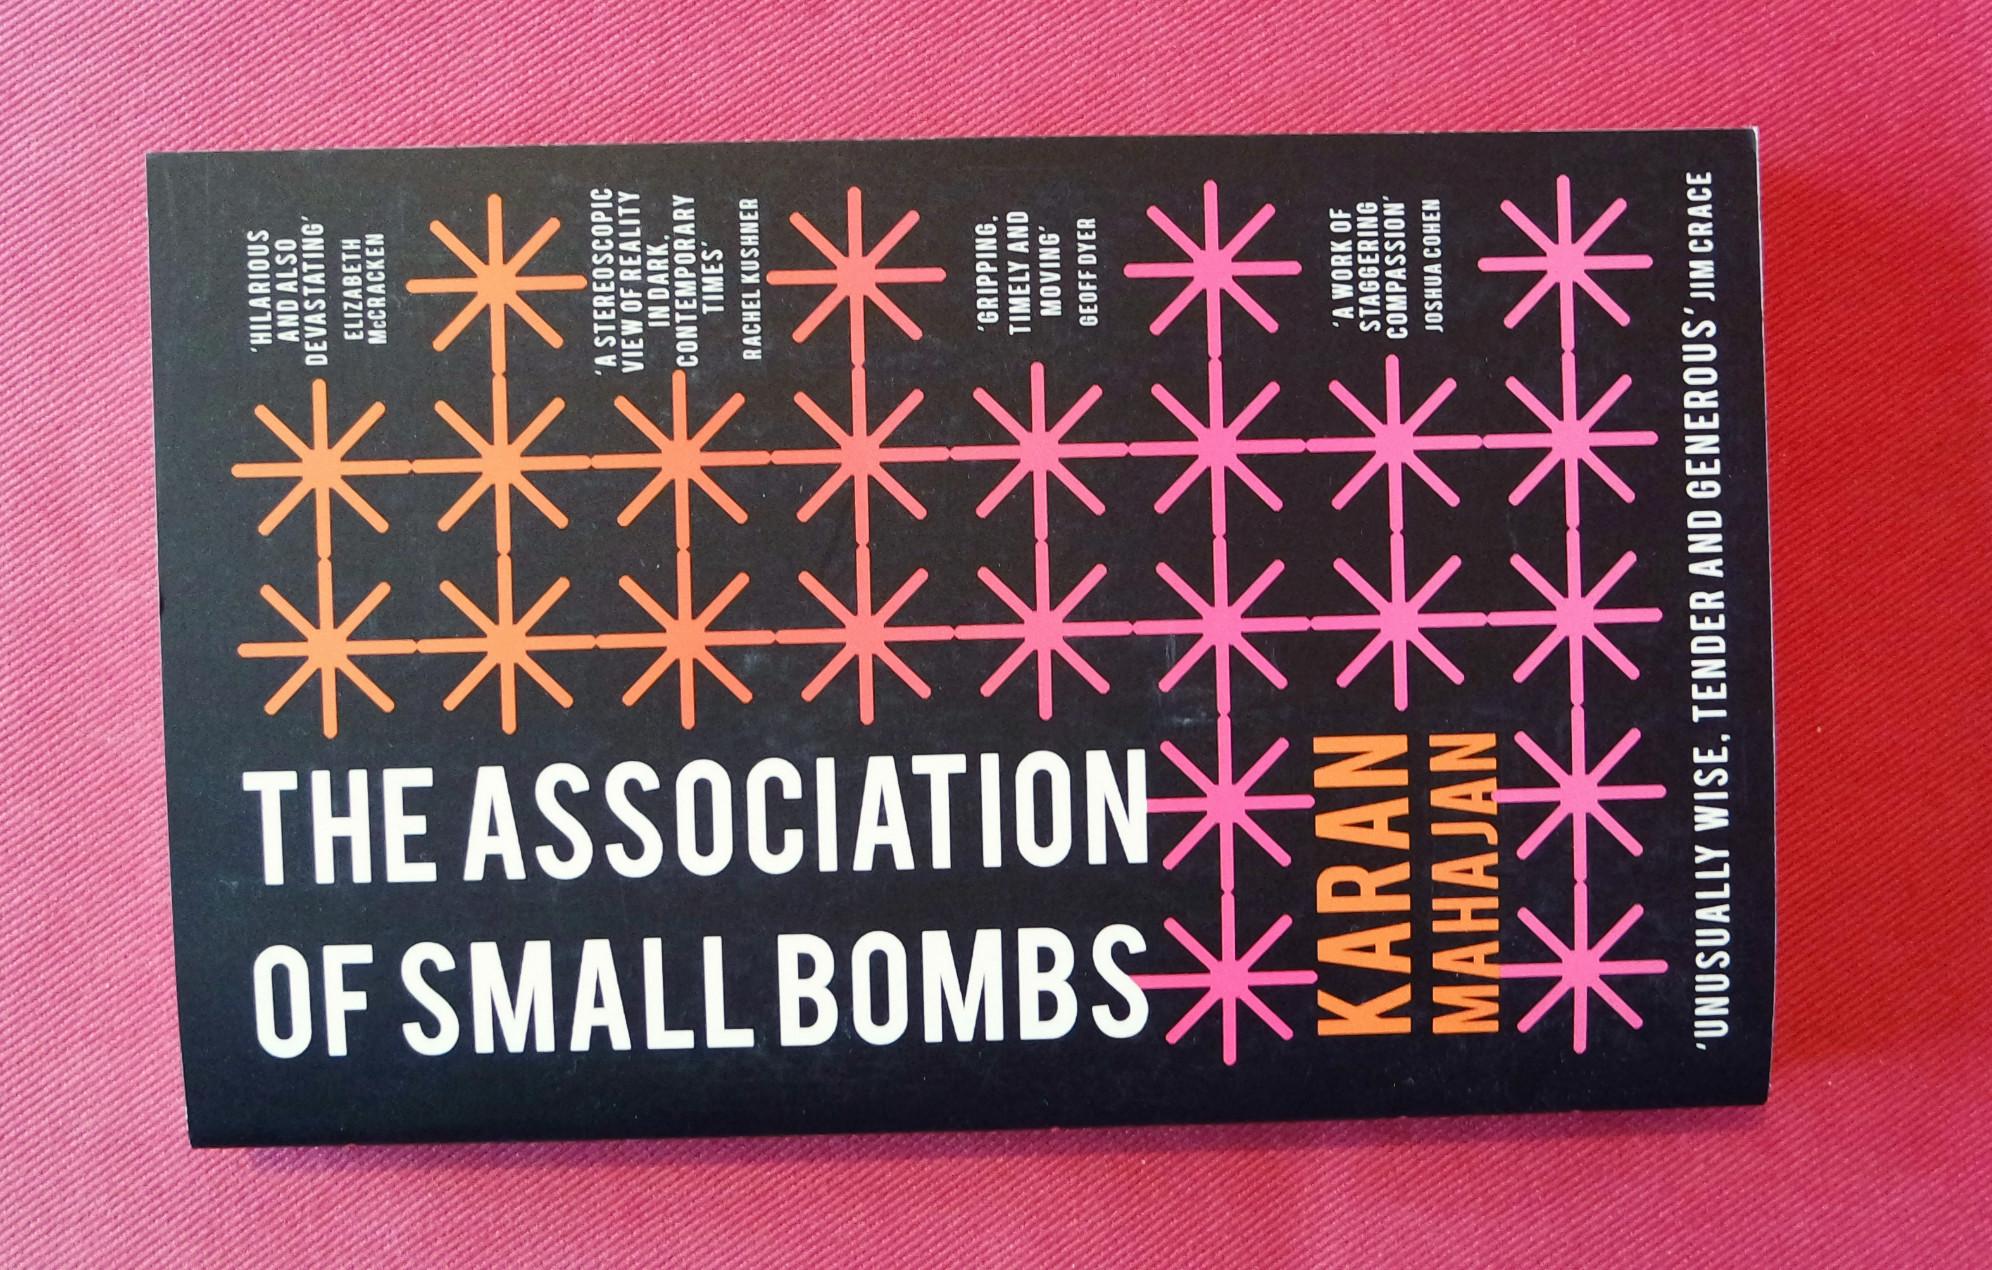 mahajan_associationofsmallbombs